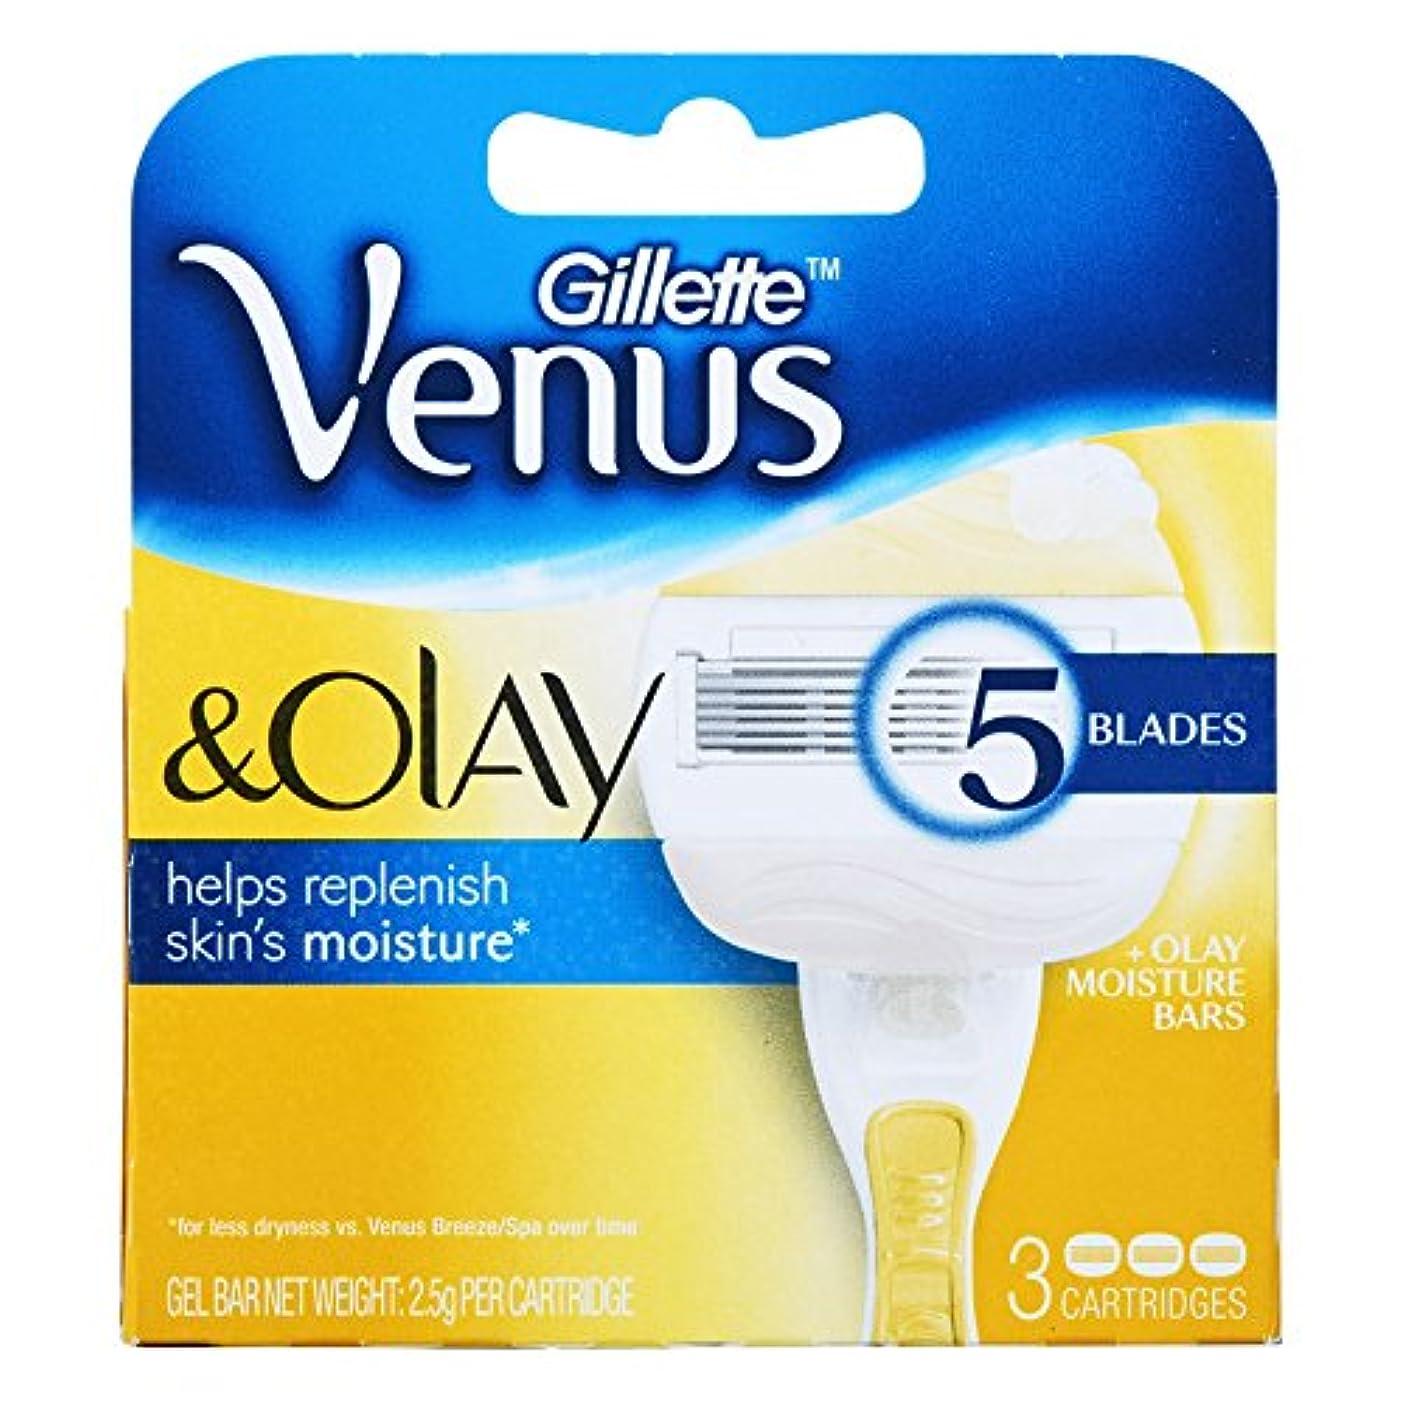 カーテン通りおもしろいGillette Venus Olay Razor Blades カートリッジブレード 3 Pcs [並行輸入品]